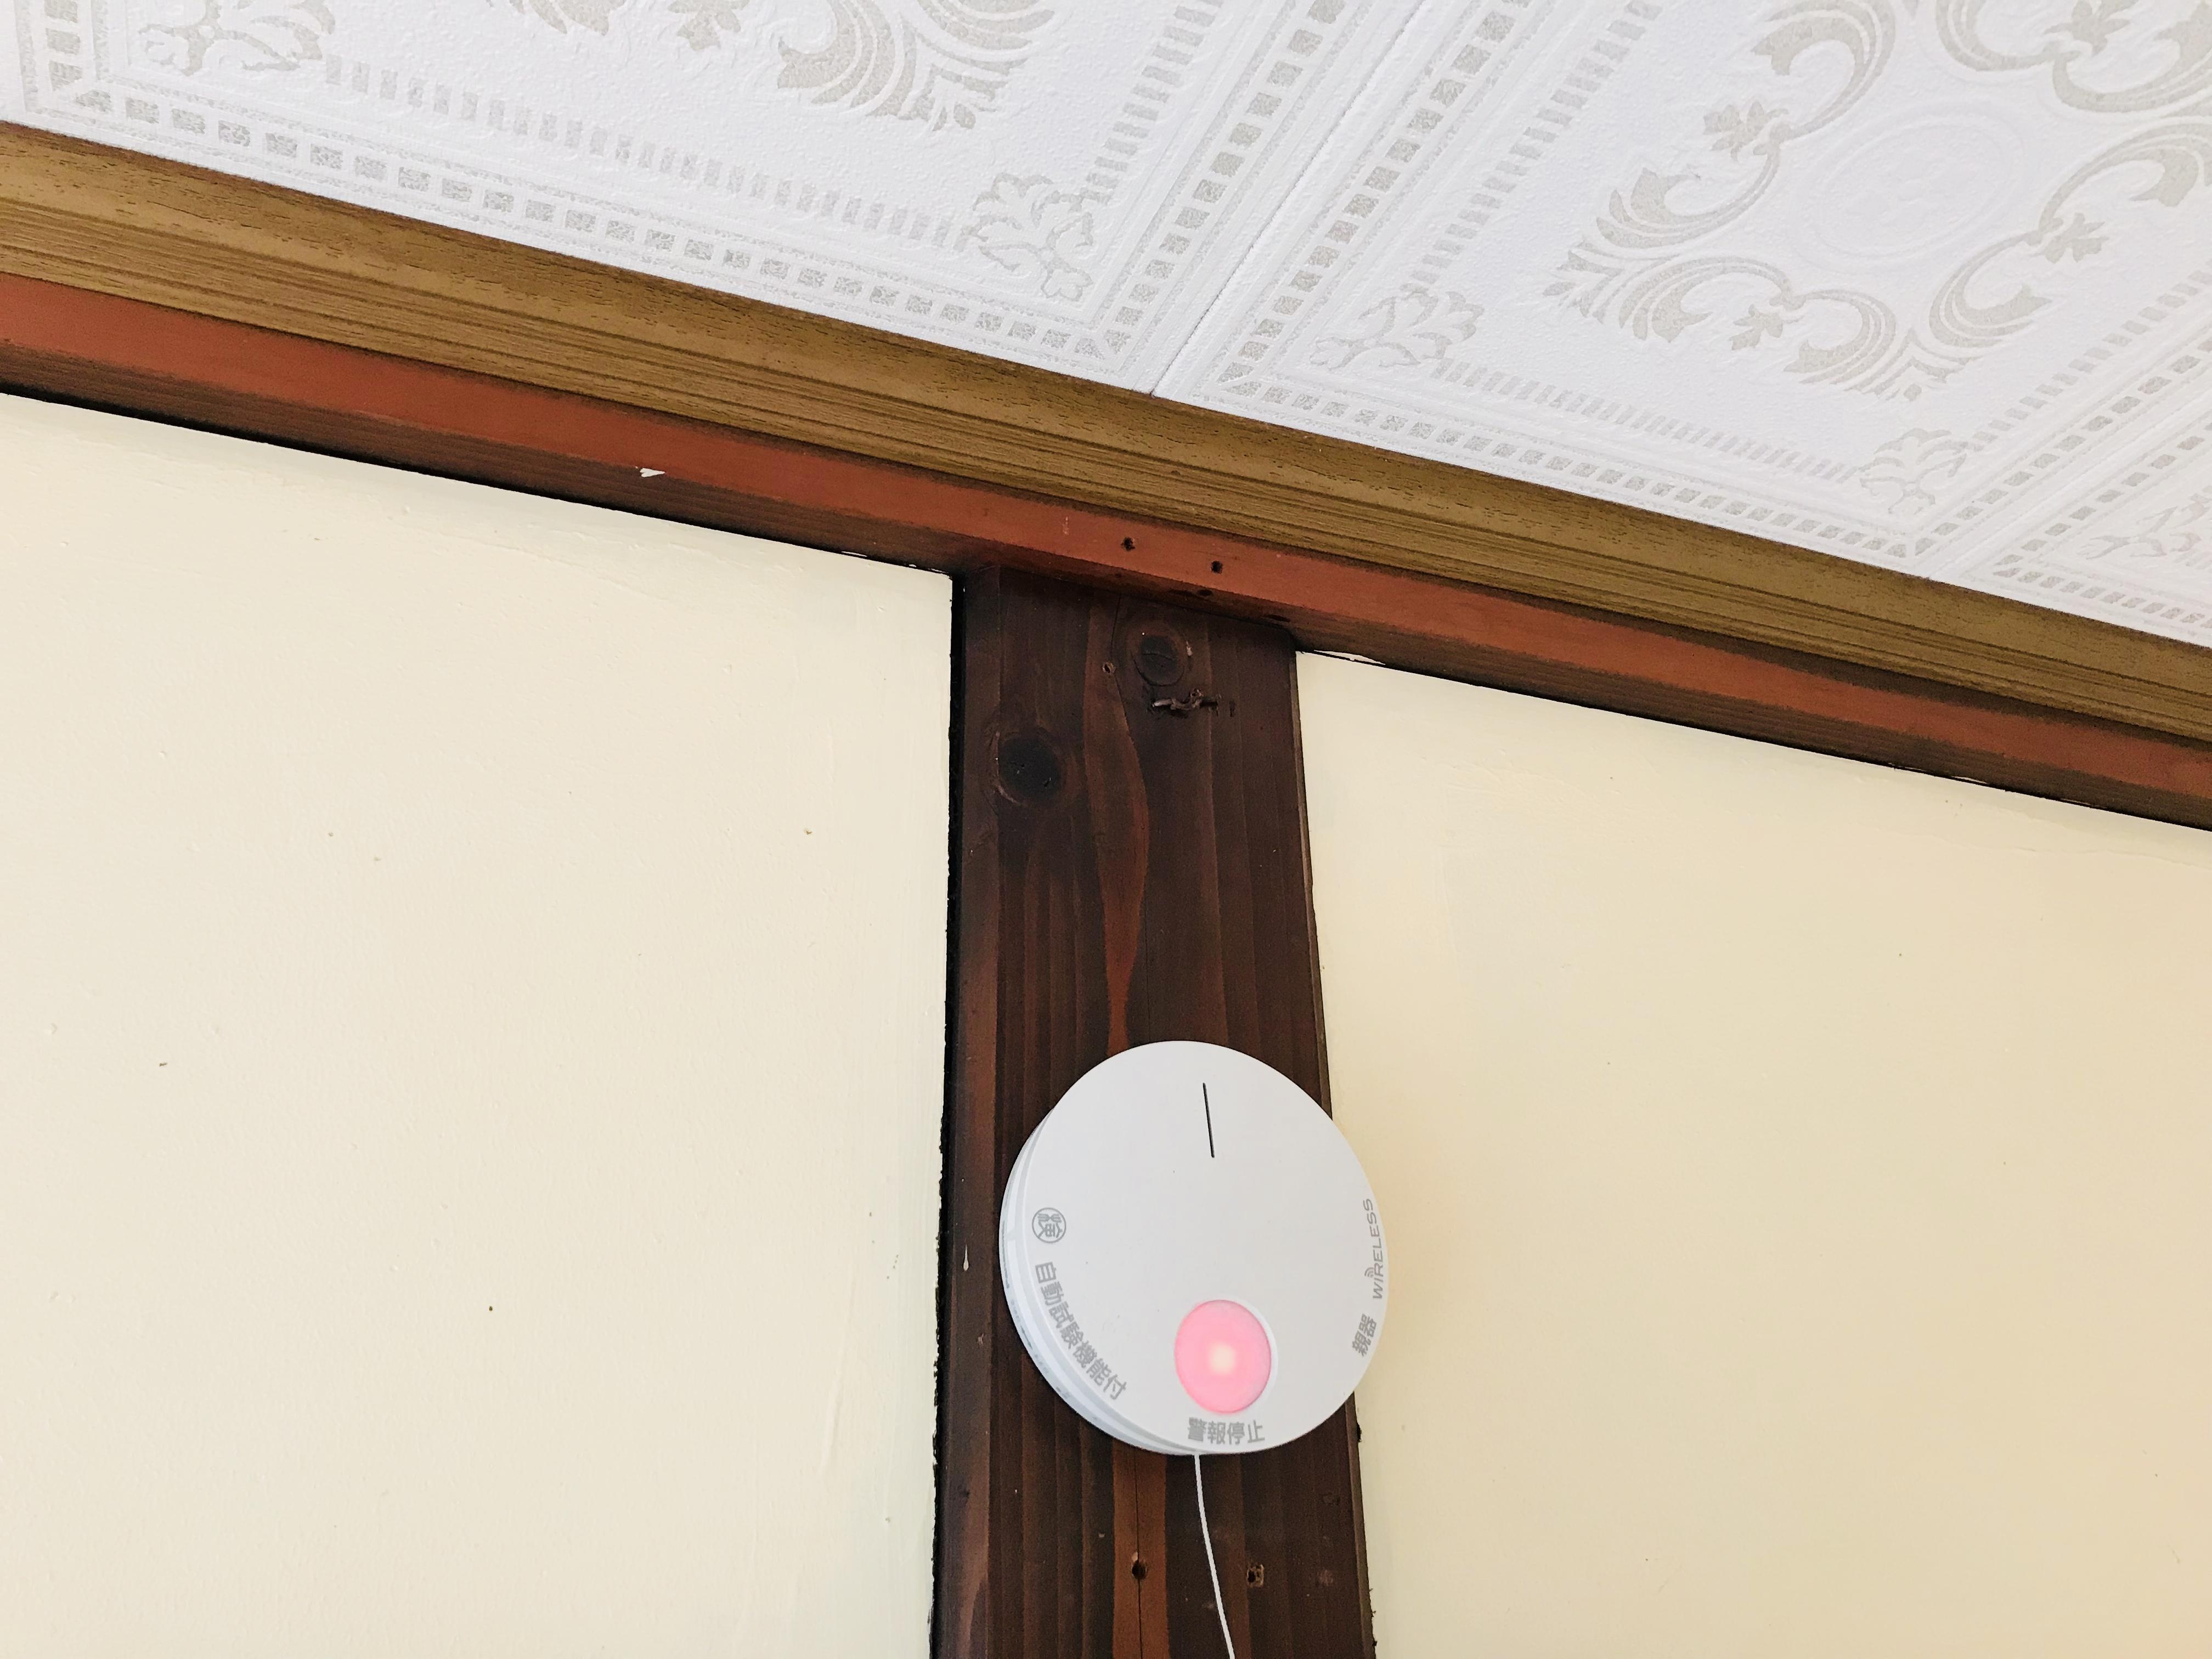 住宅宿泊事業法での火災報知器の設置方法